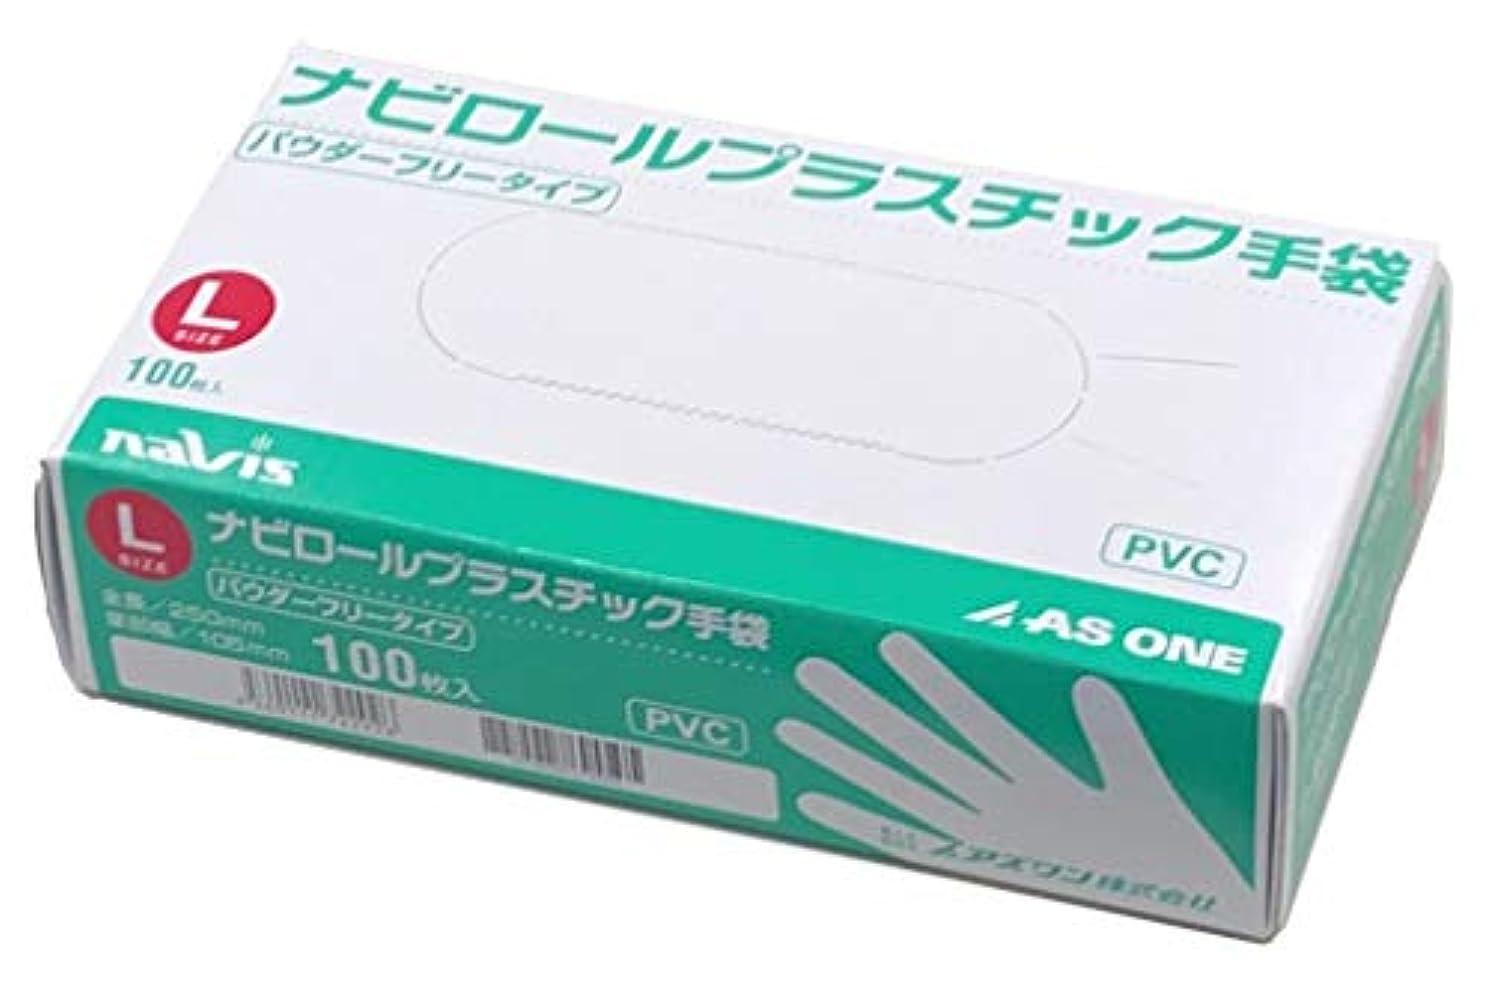 好意呼吸和解するアズワン ナビロールプラスチック手袋(パウダーフリー) L 100枚入